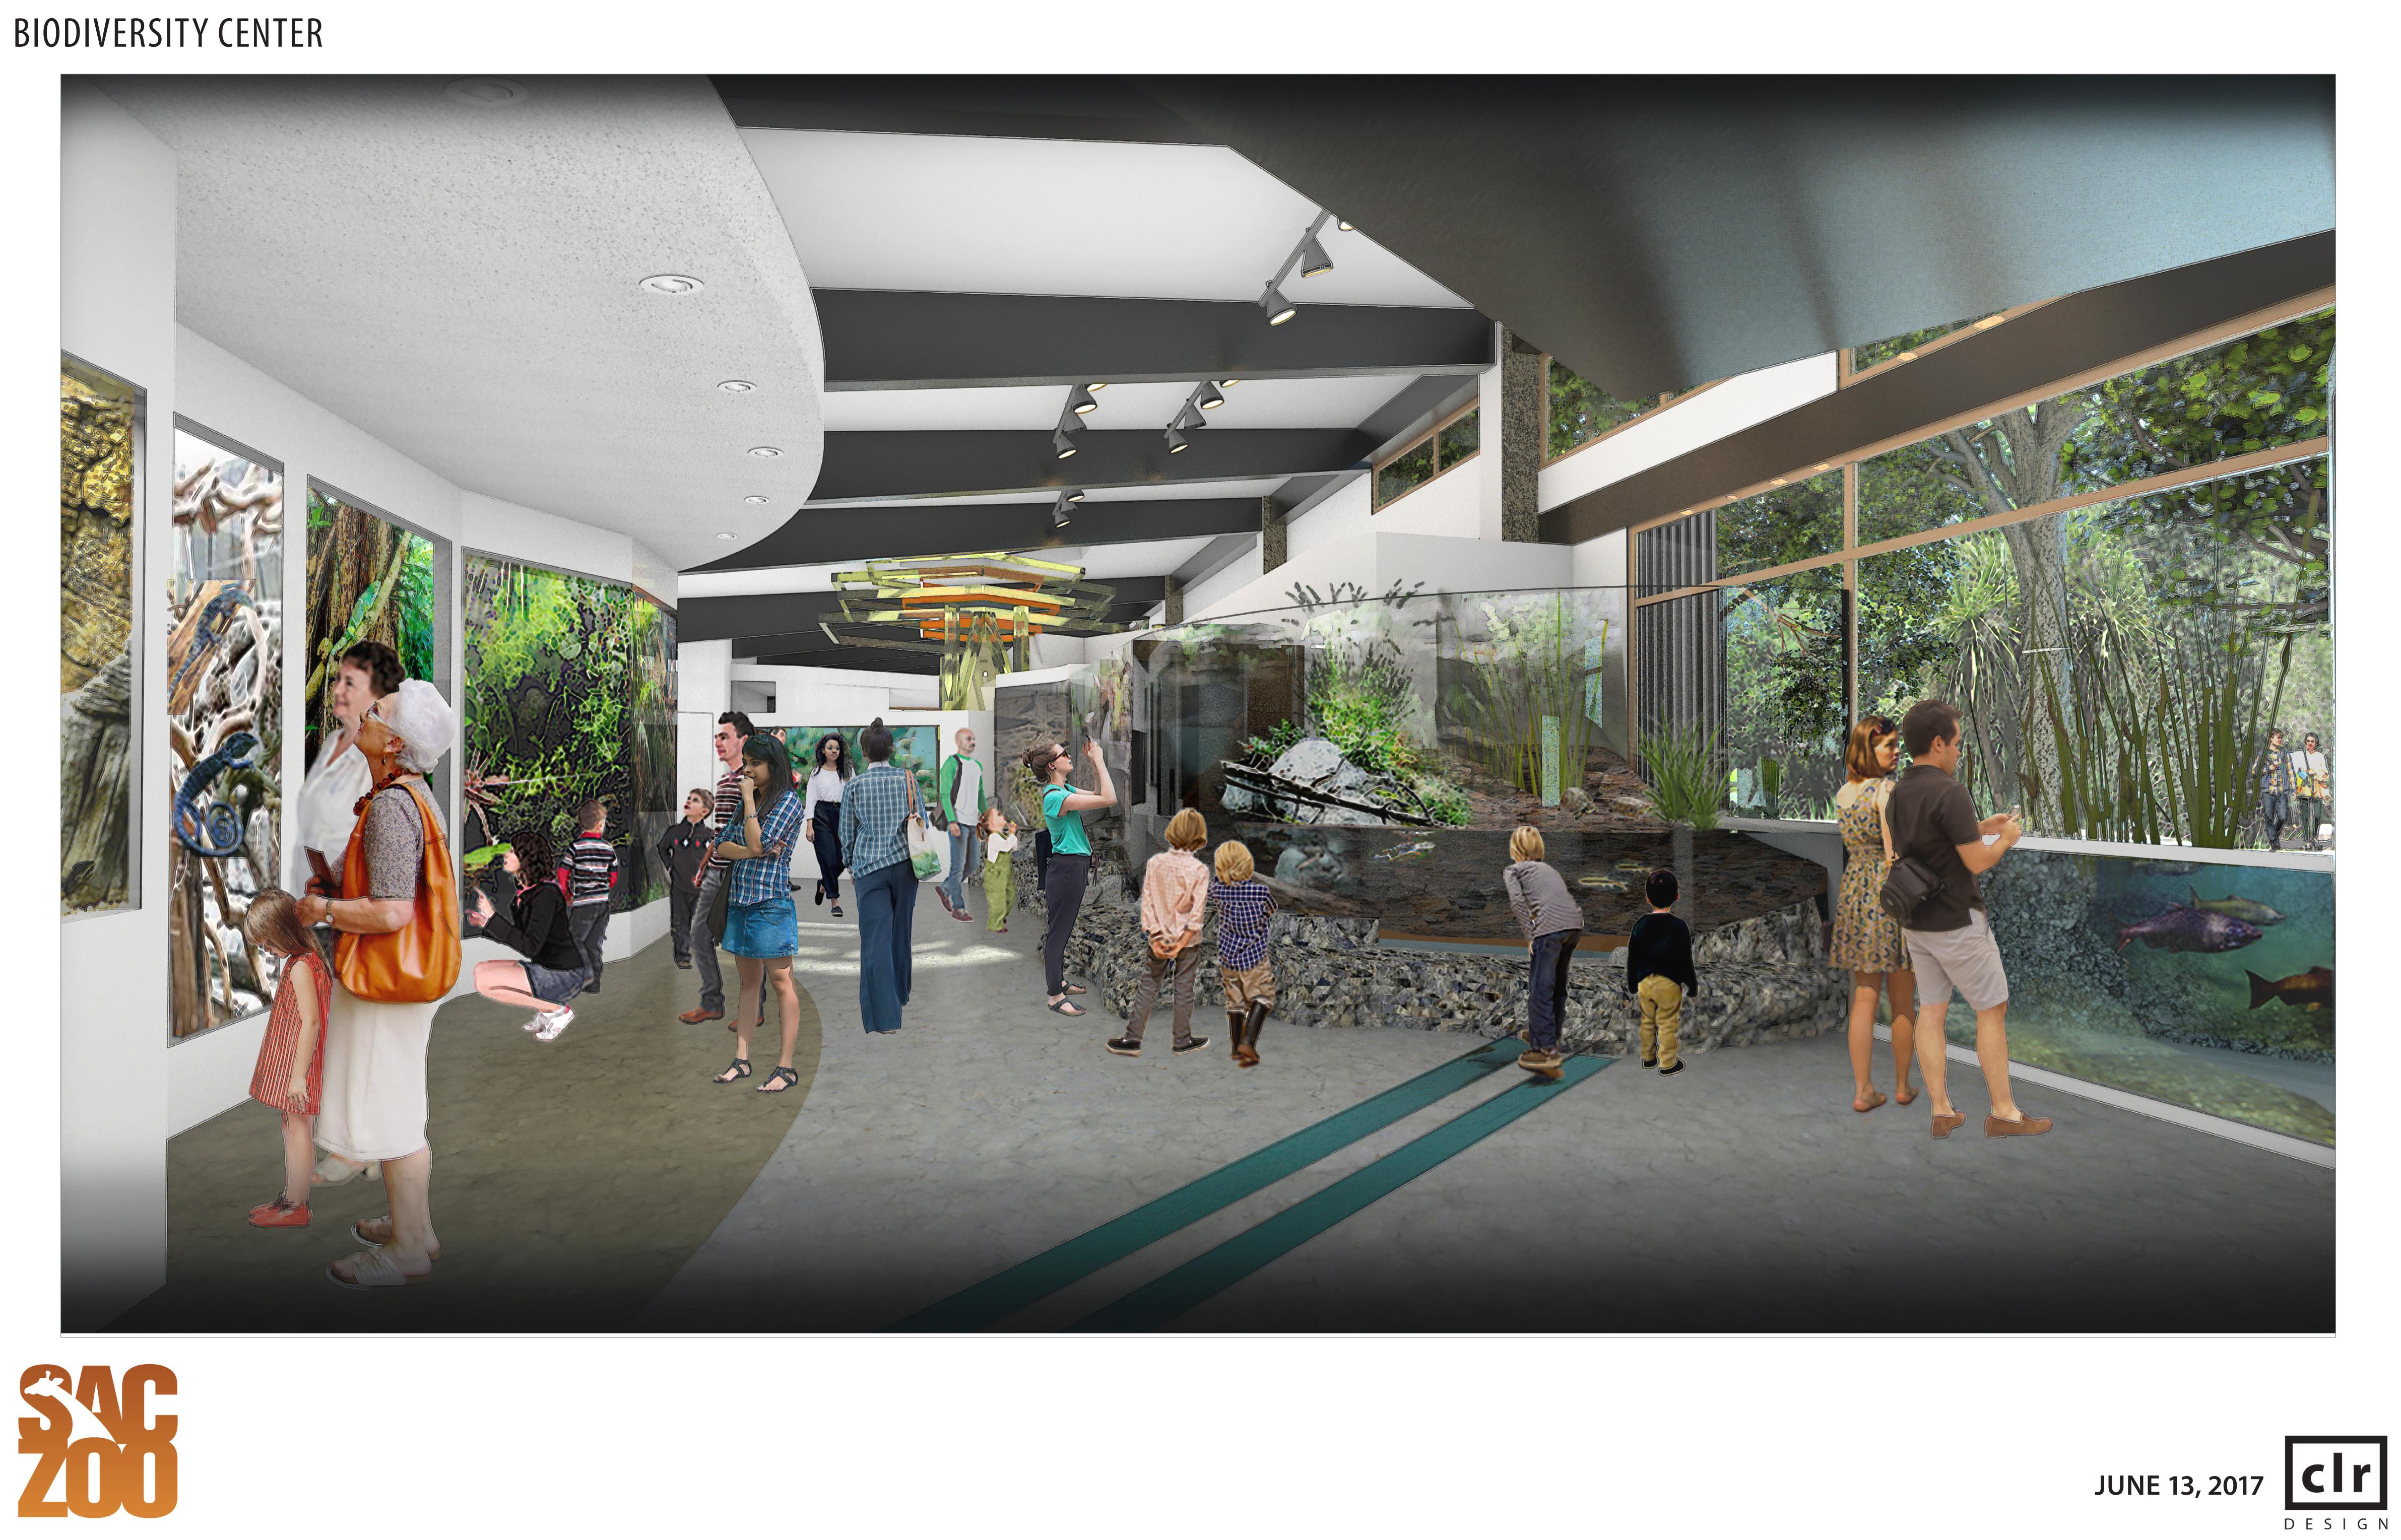 Biodiversity Center Rendering - Inside